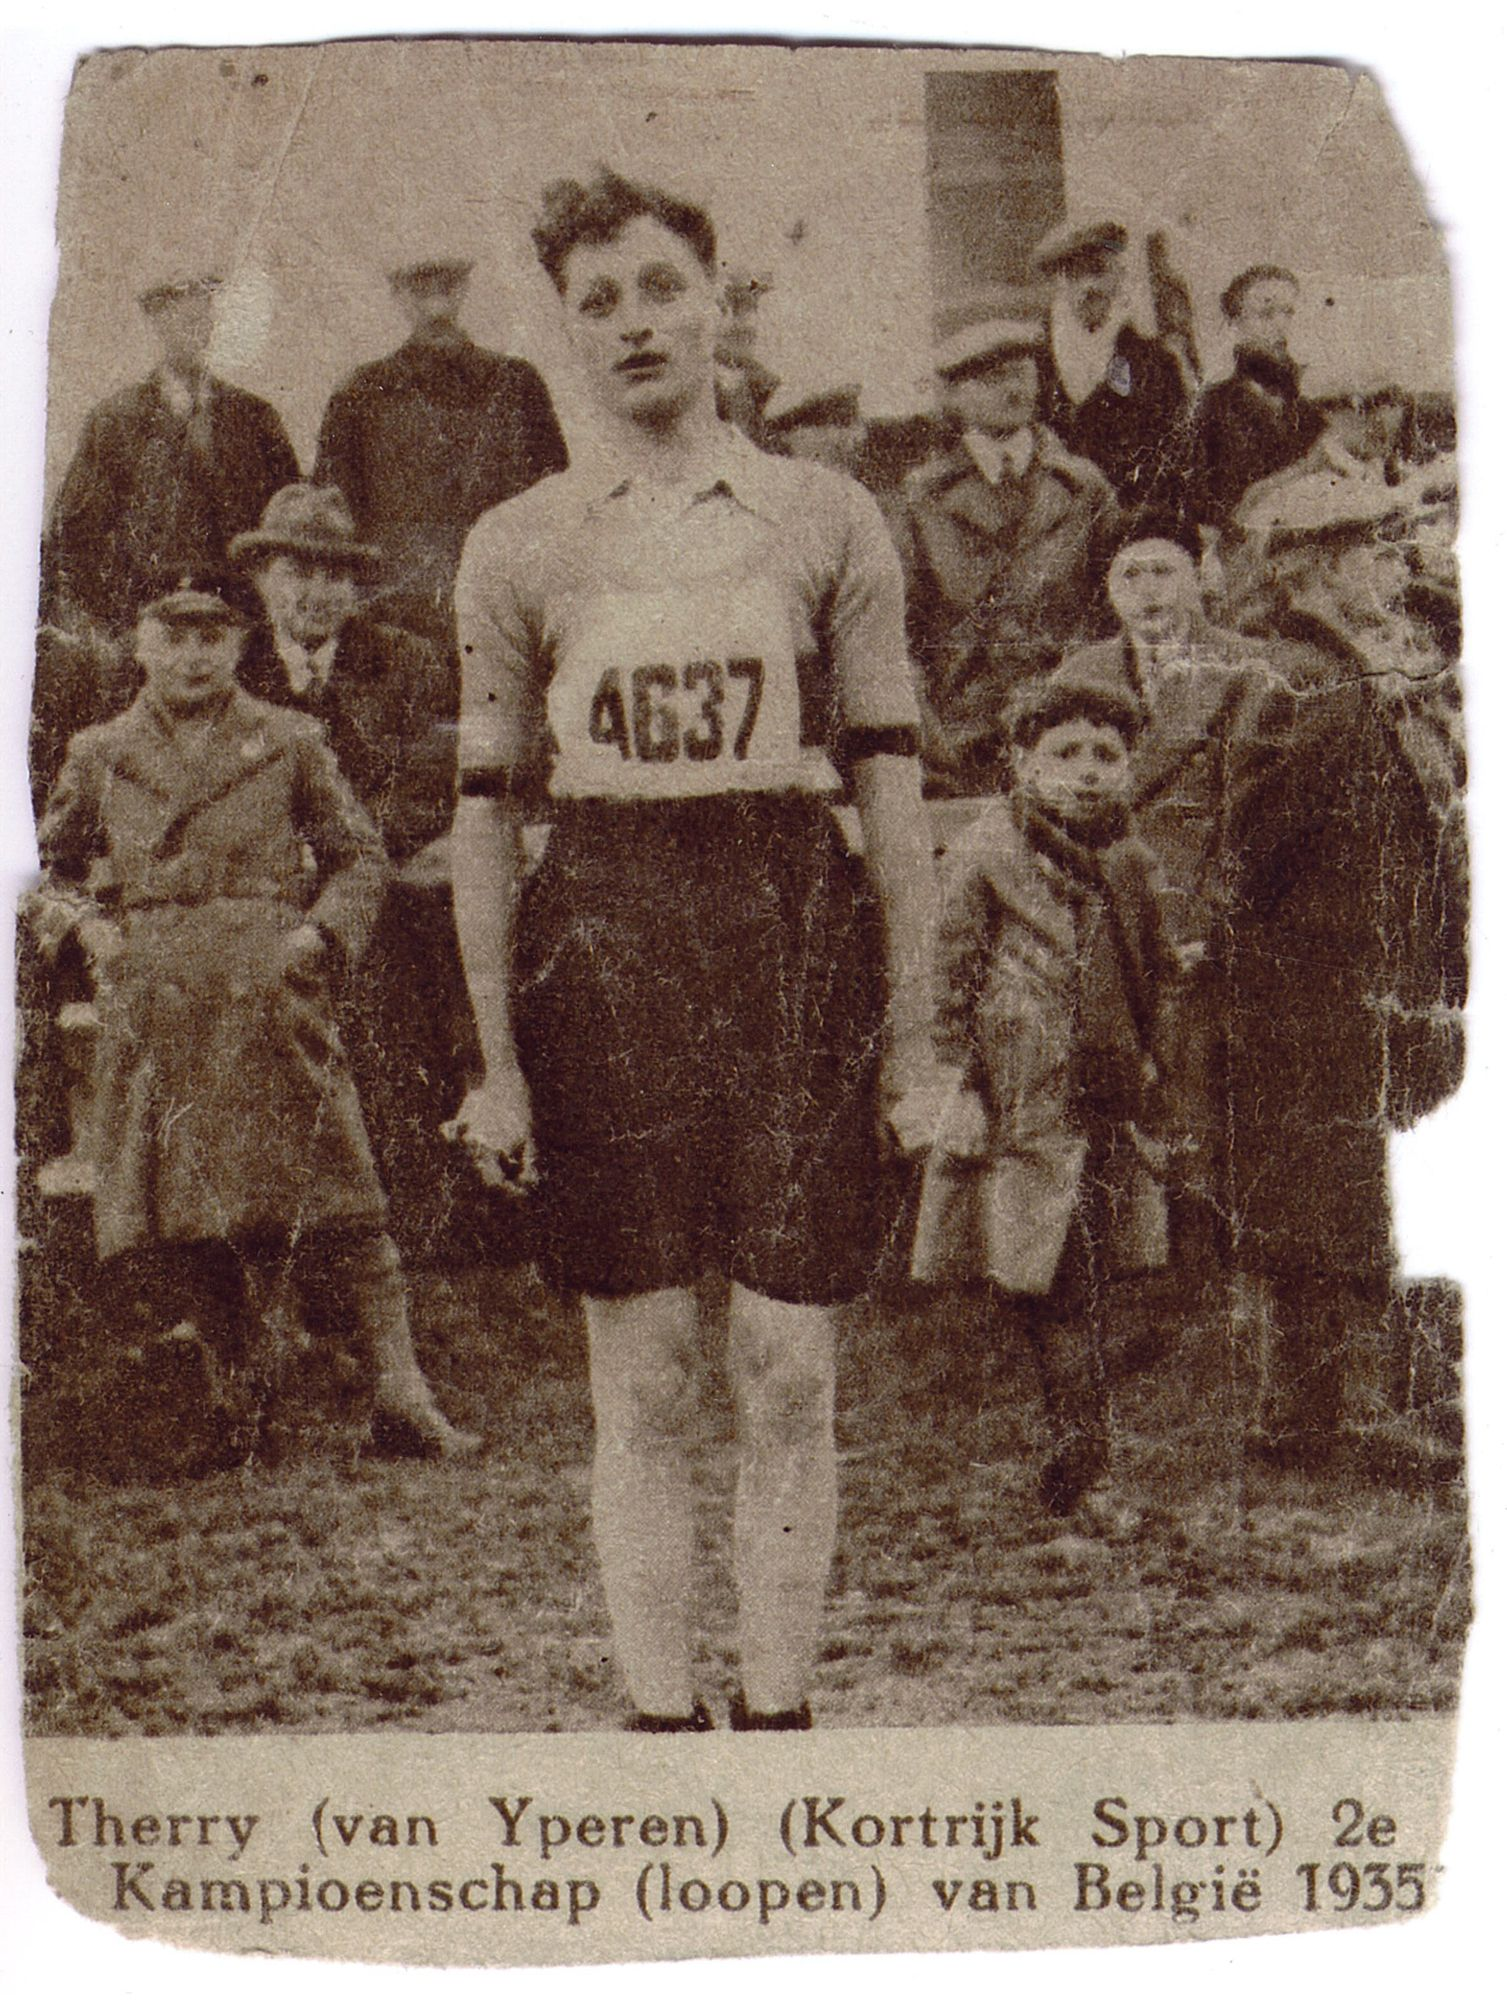 Julien Therry als atleet van atletiekclub Kortrijk Sport  in1935